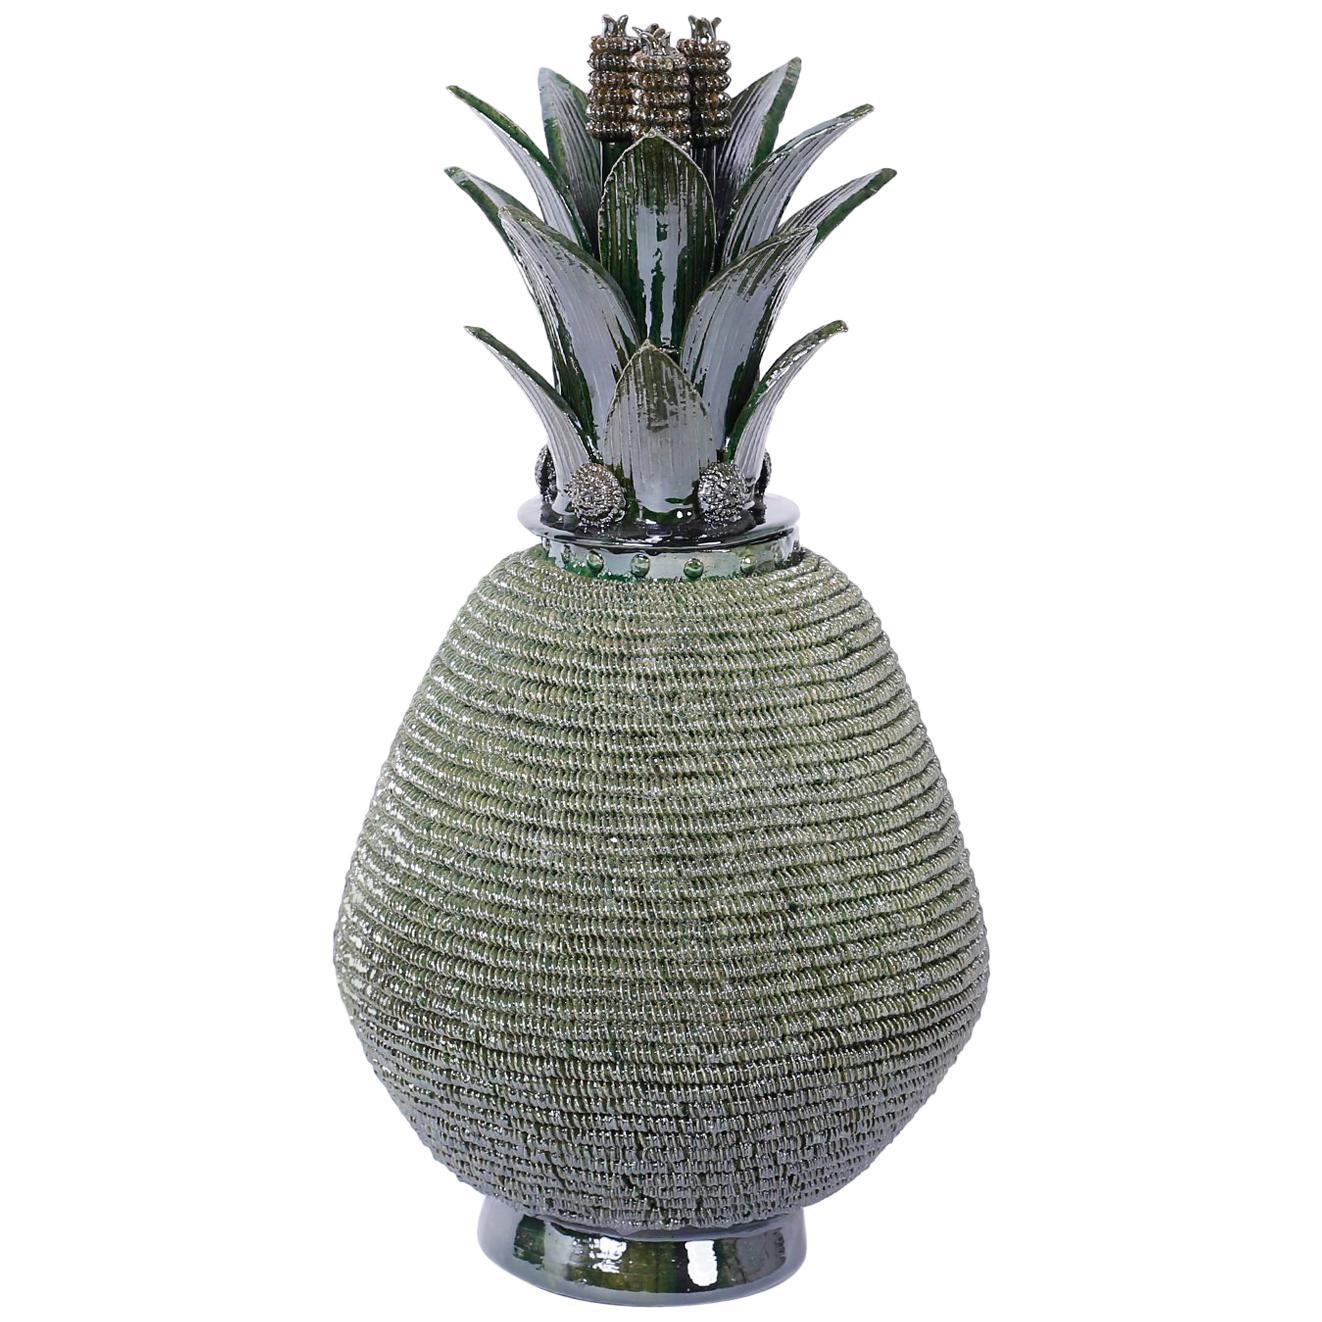 Pottery or Glazed Terracotta Lidded Pineapple Jar or Urn